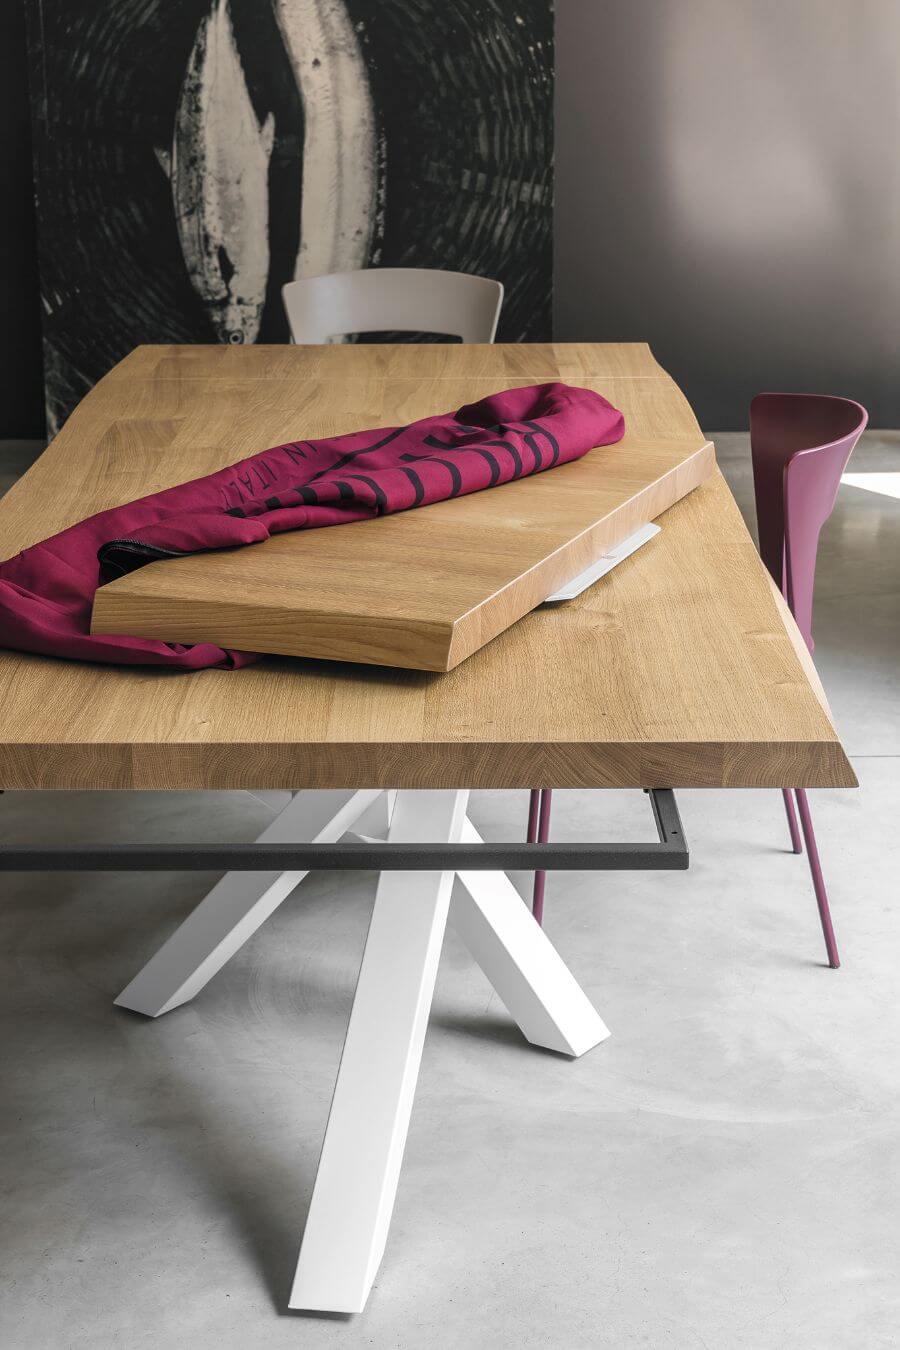 tavoli-collezione-riflessi- shangai-legno-allungabile-il-mobile (1)